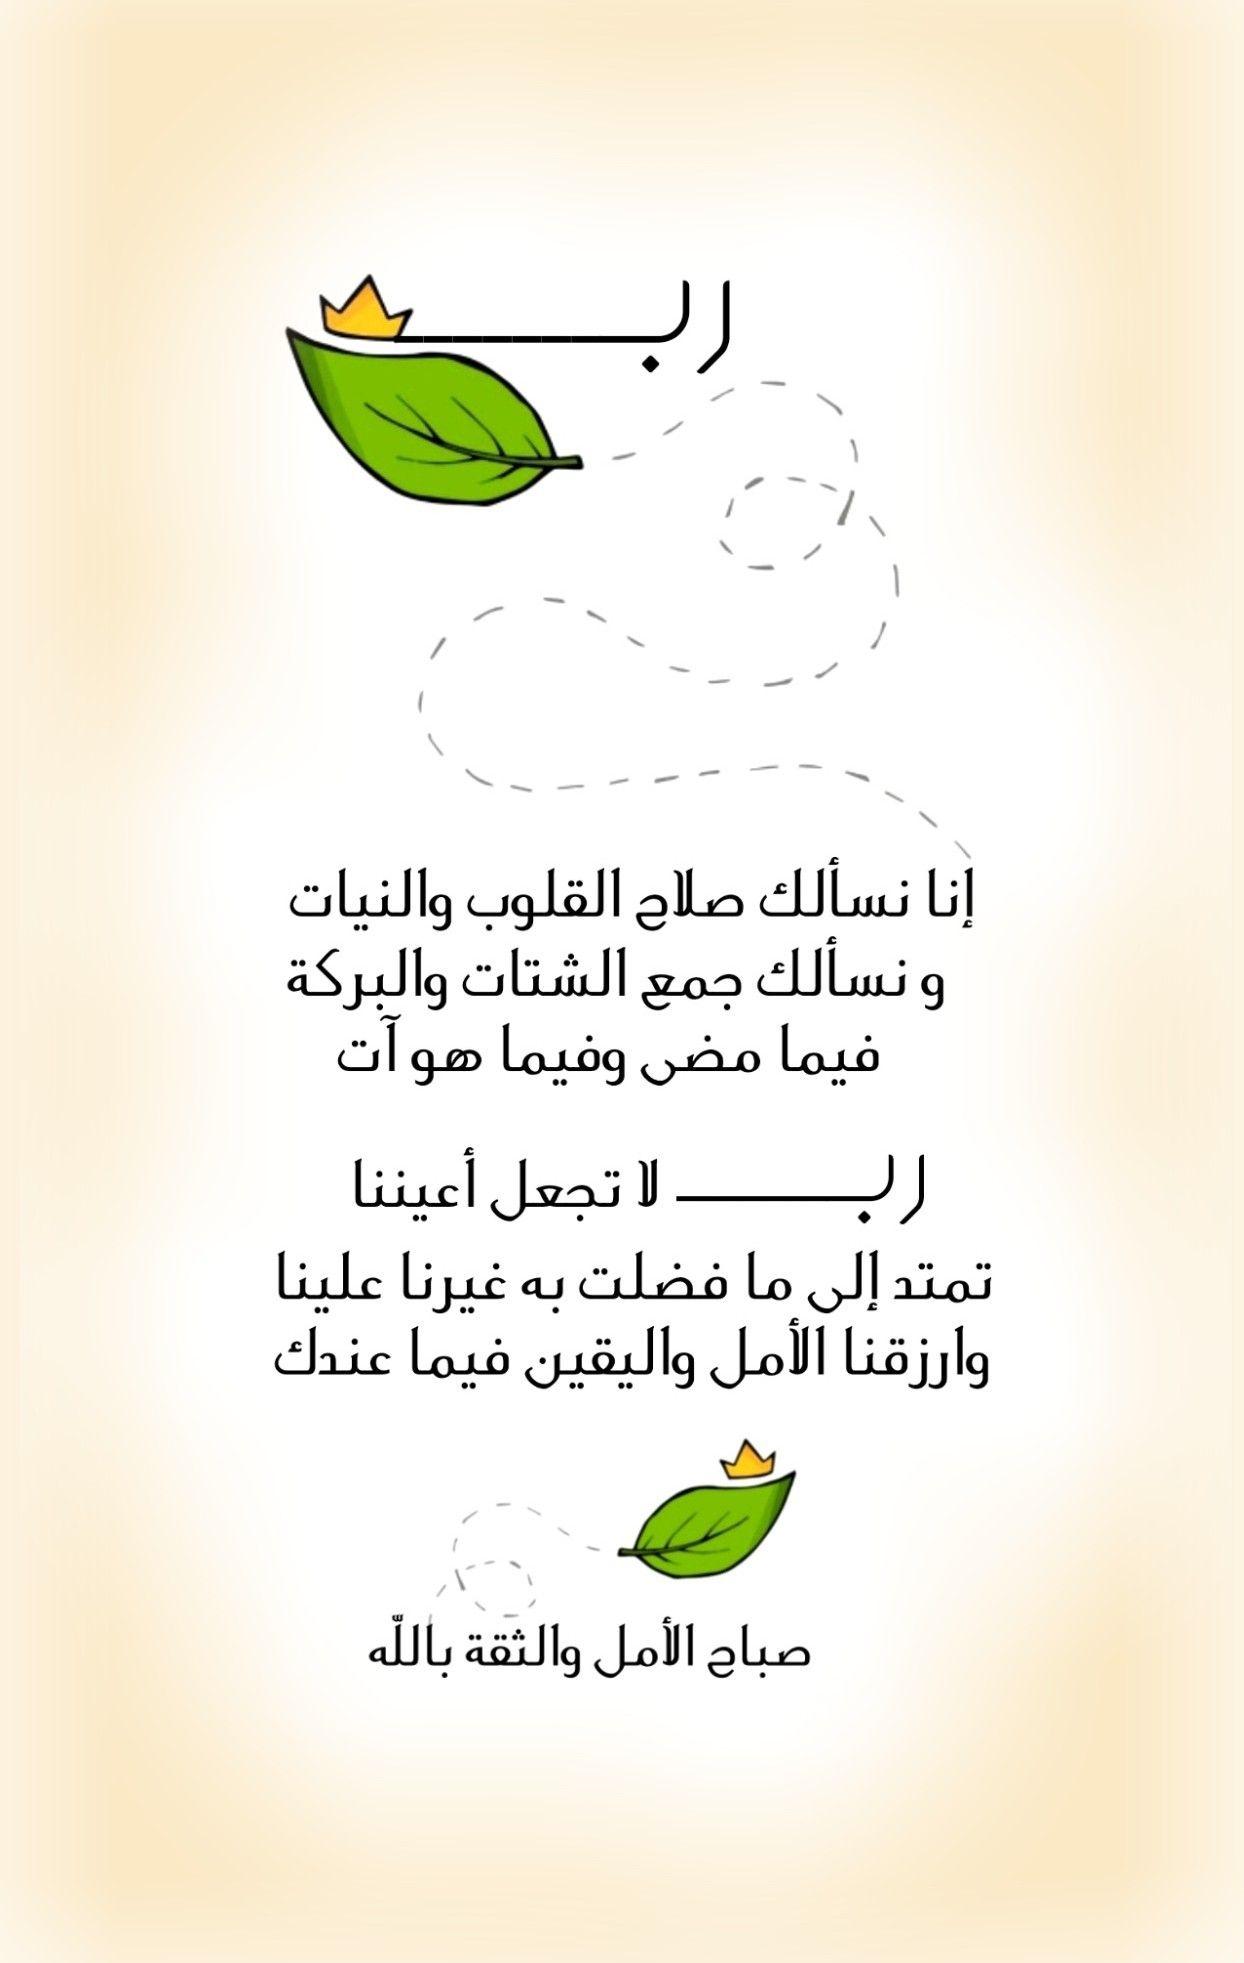 رب إنا نسألك صلاح القلوب والنيات كما نسألك جمع الشتات والبركة فيما مضى وفيما هو آت رب لا تجعل Good Morning Arabic Good Morning Greetings Morning Greeting